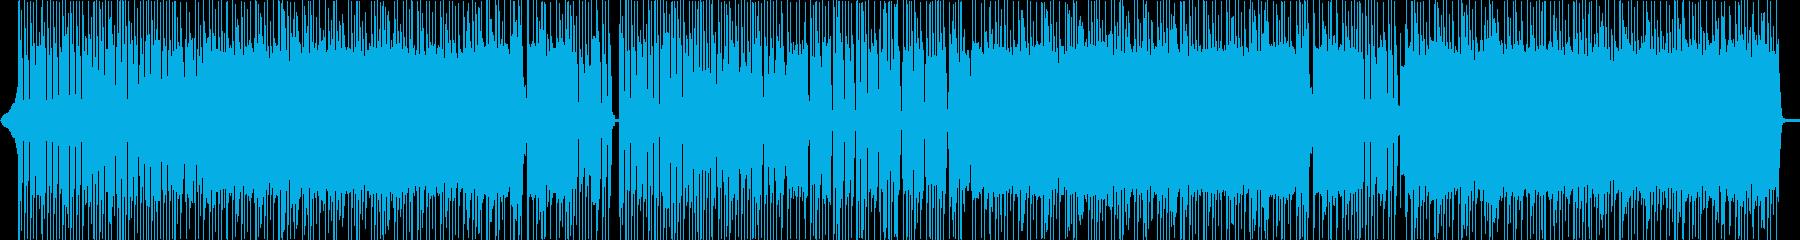 ポップロック 神経質 燃える 低音...の再生済みの波形